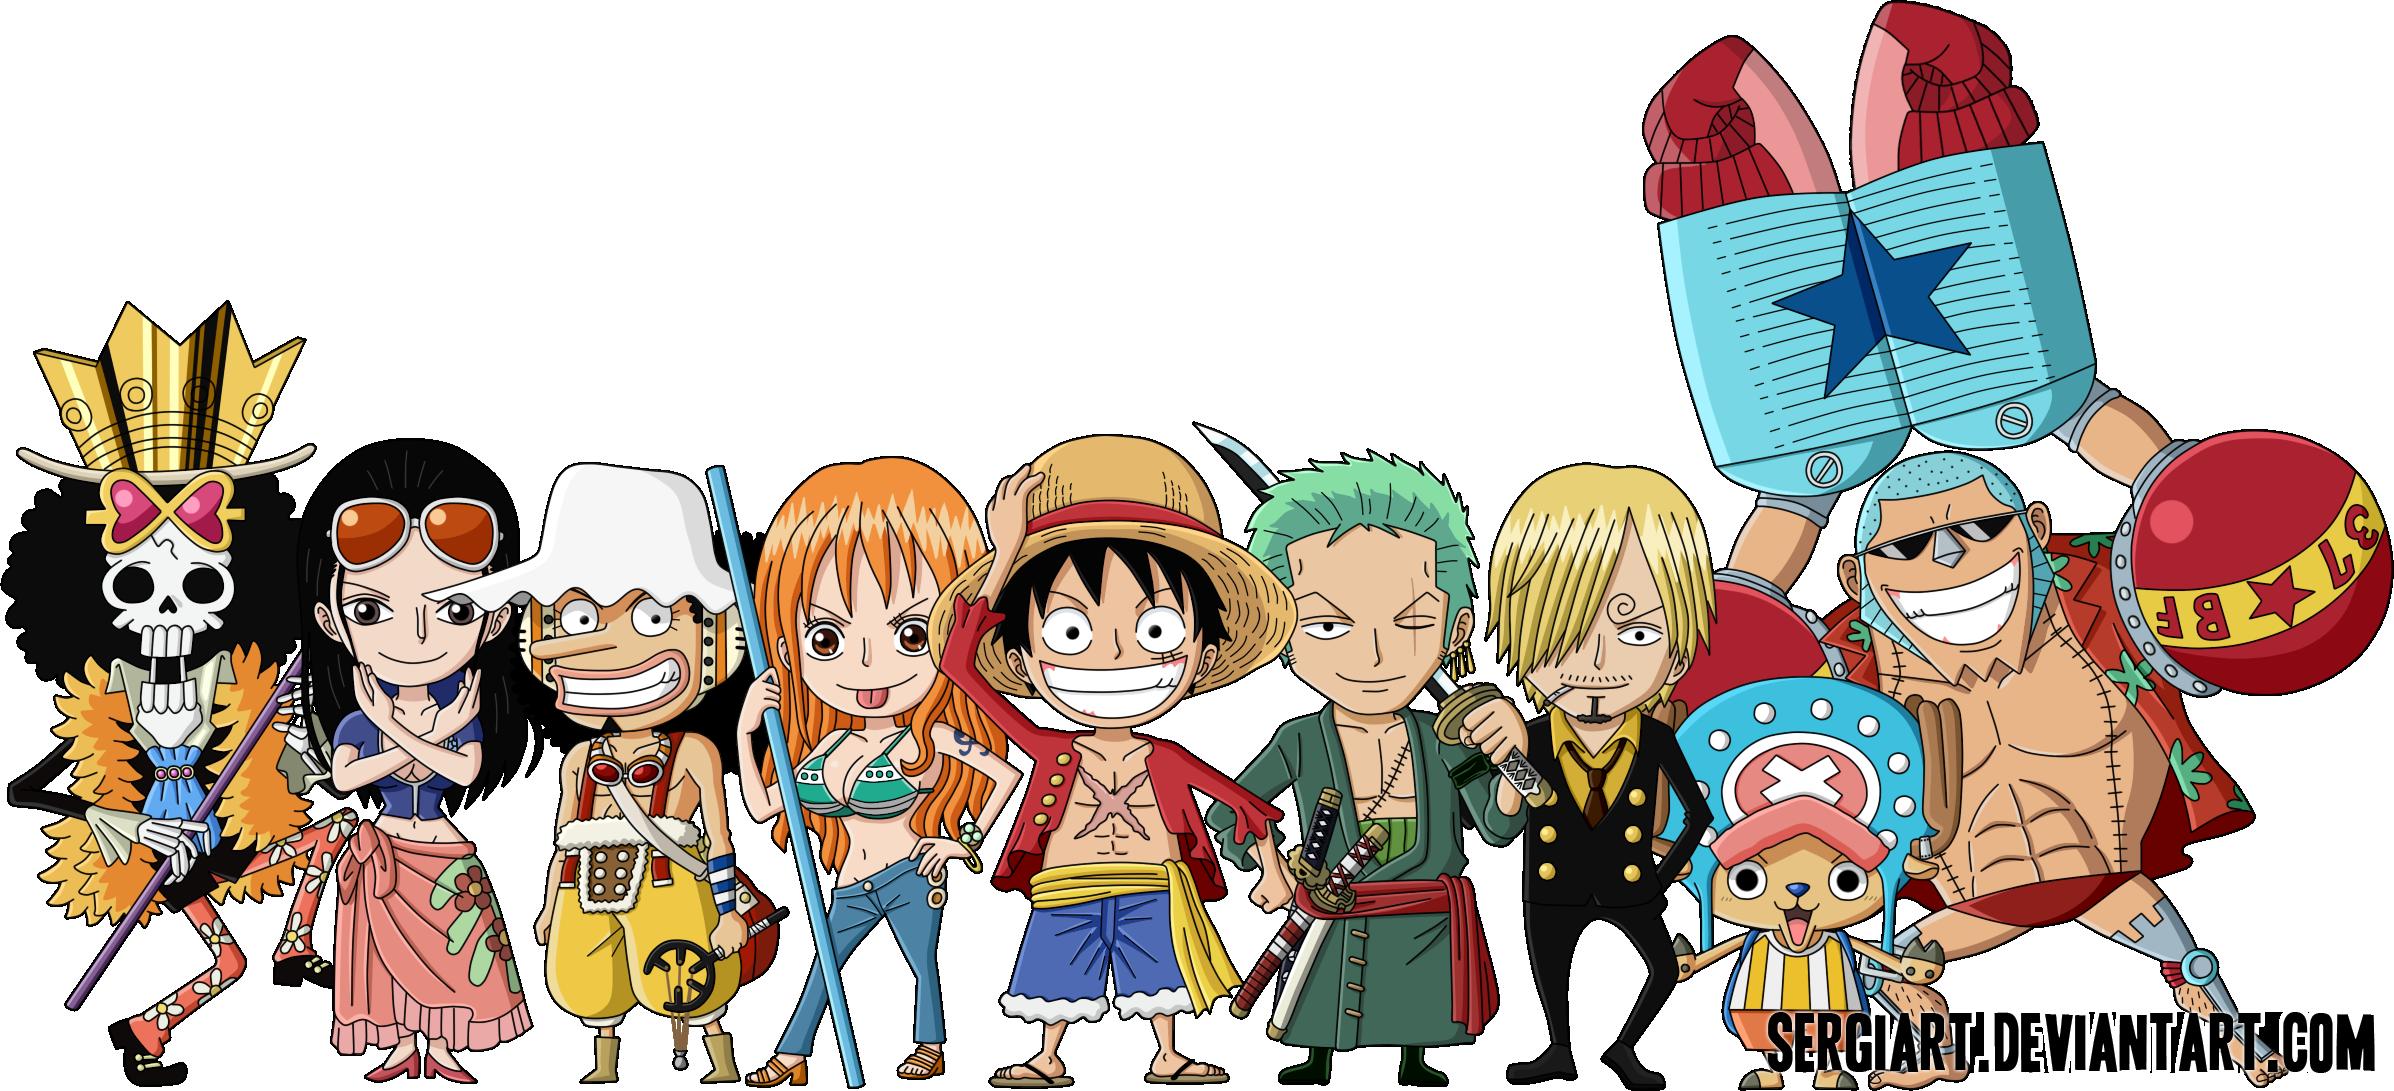 Chibi Straw Hat Pirates By Sergiart On Deviantart Chibi Wallpaper Anime Chibi Chibi